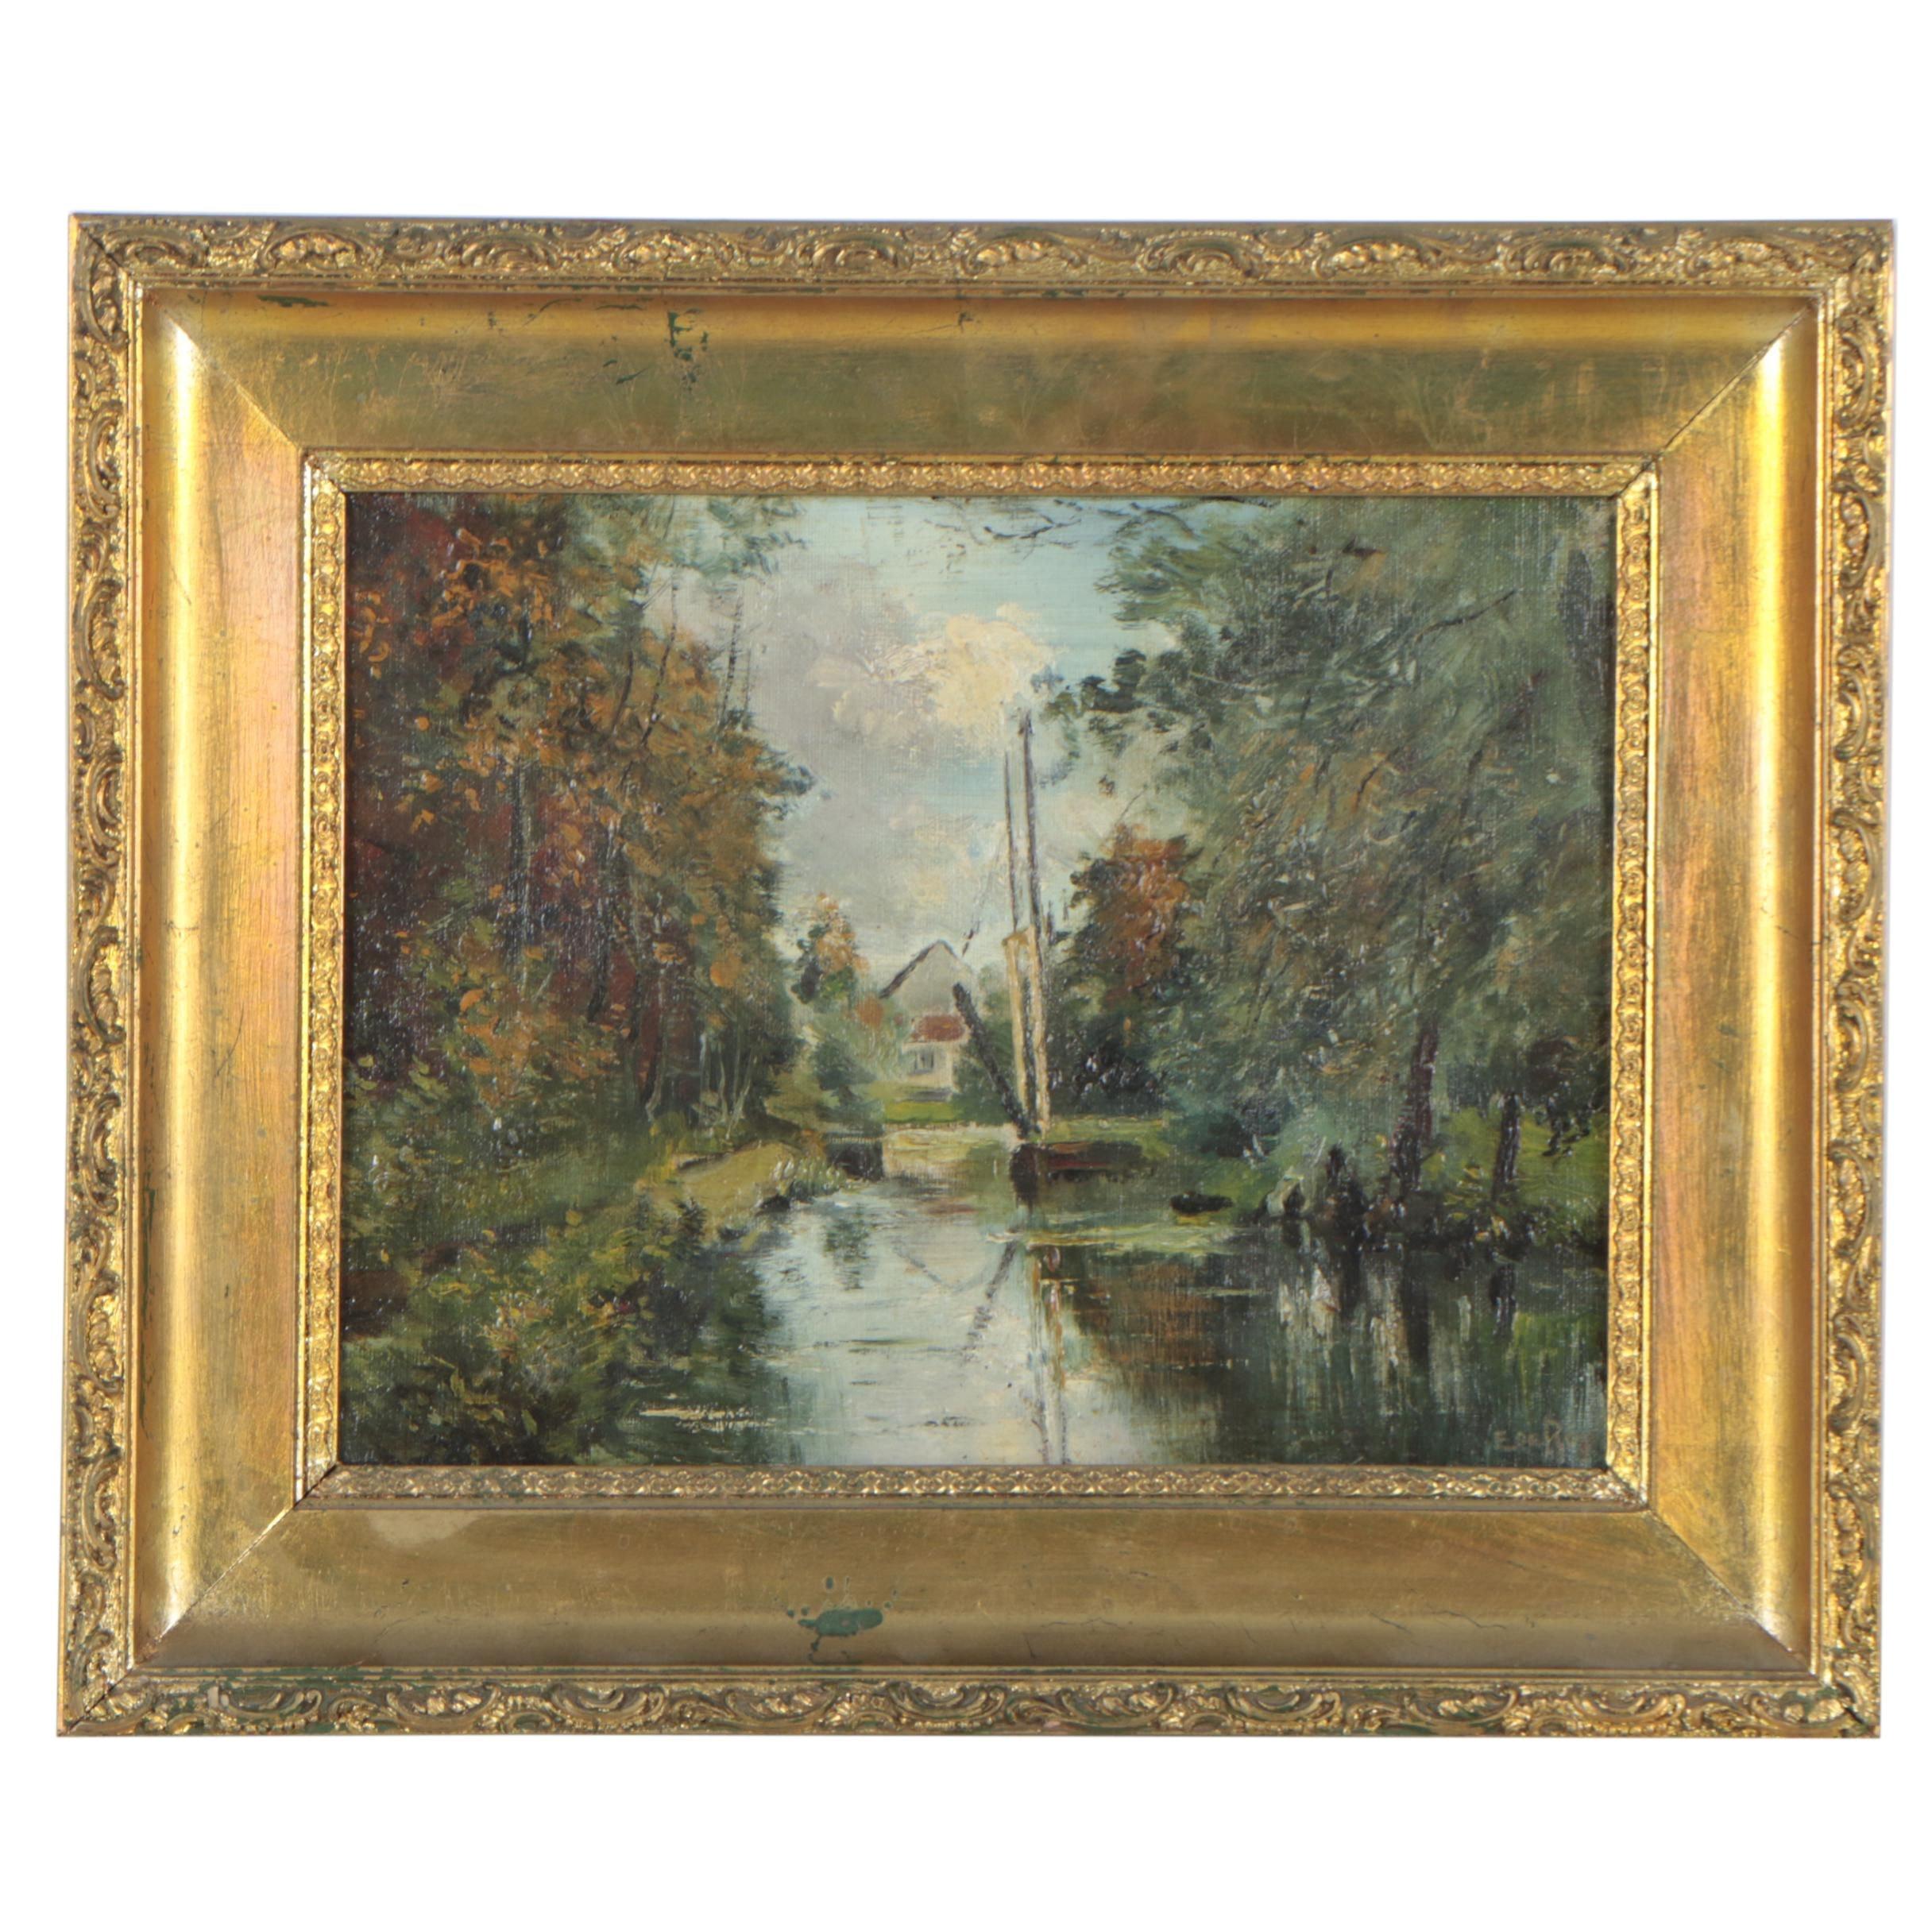 E. DeRop Oil Painting